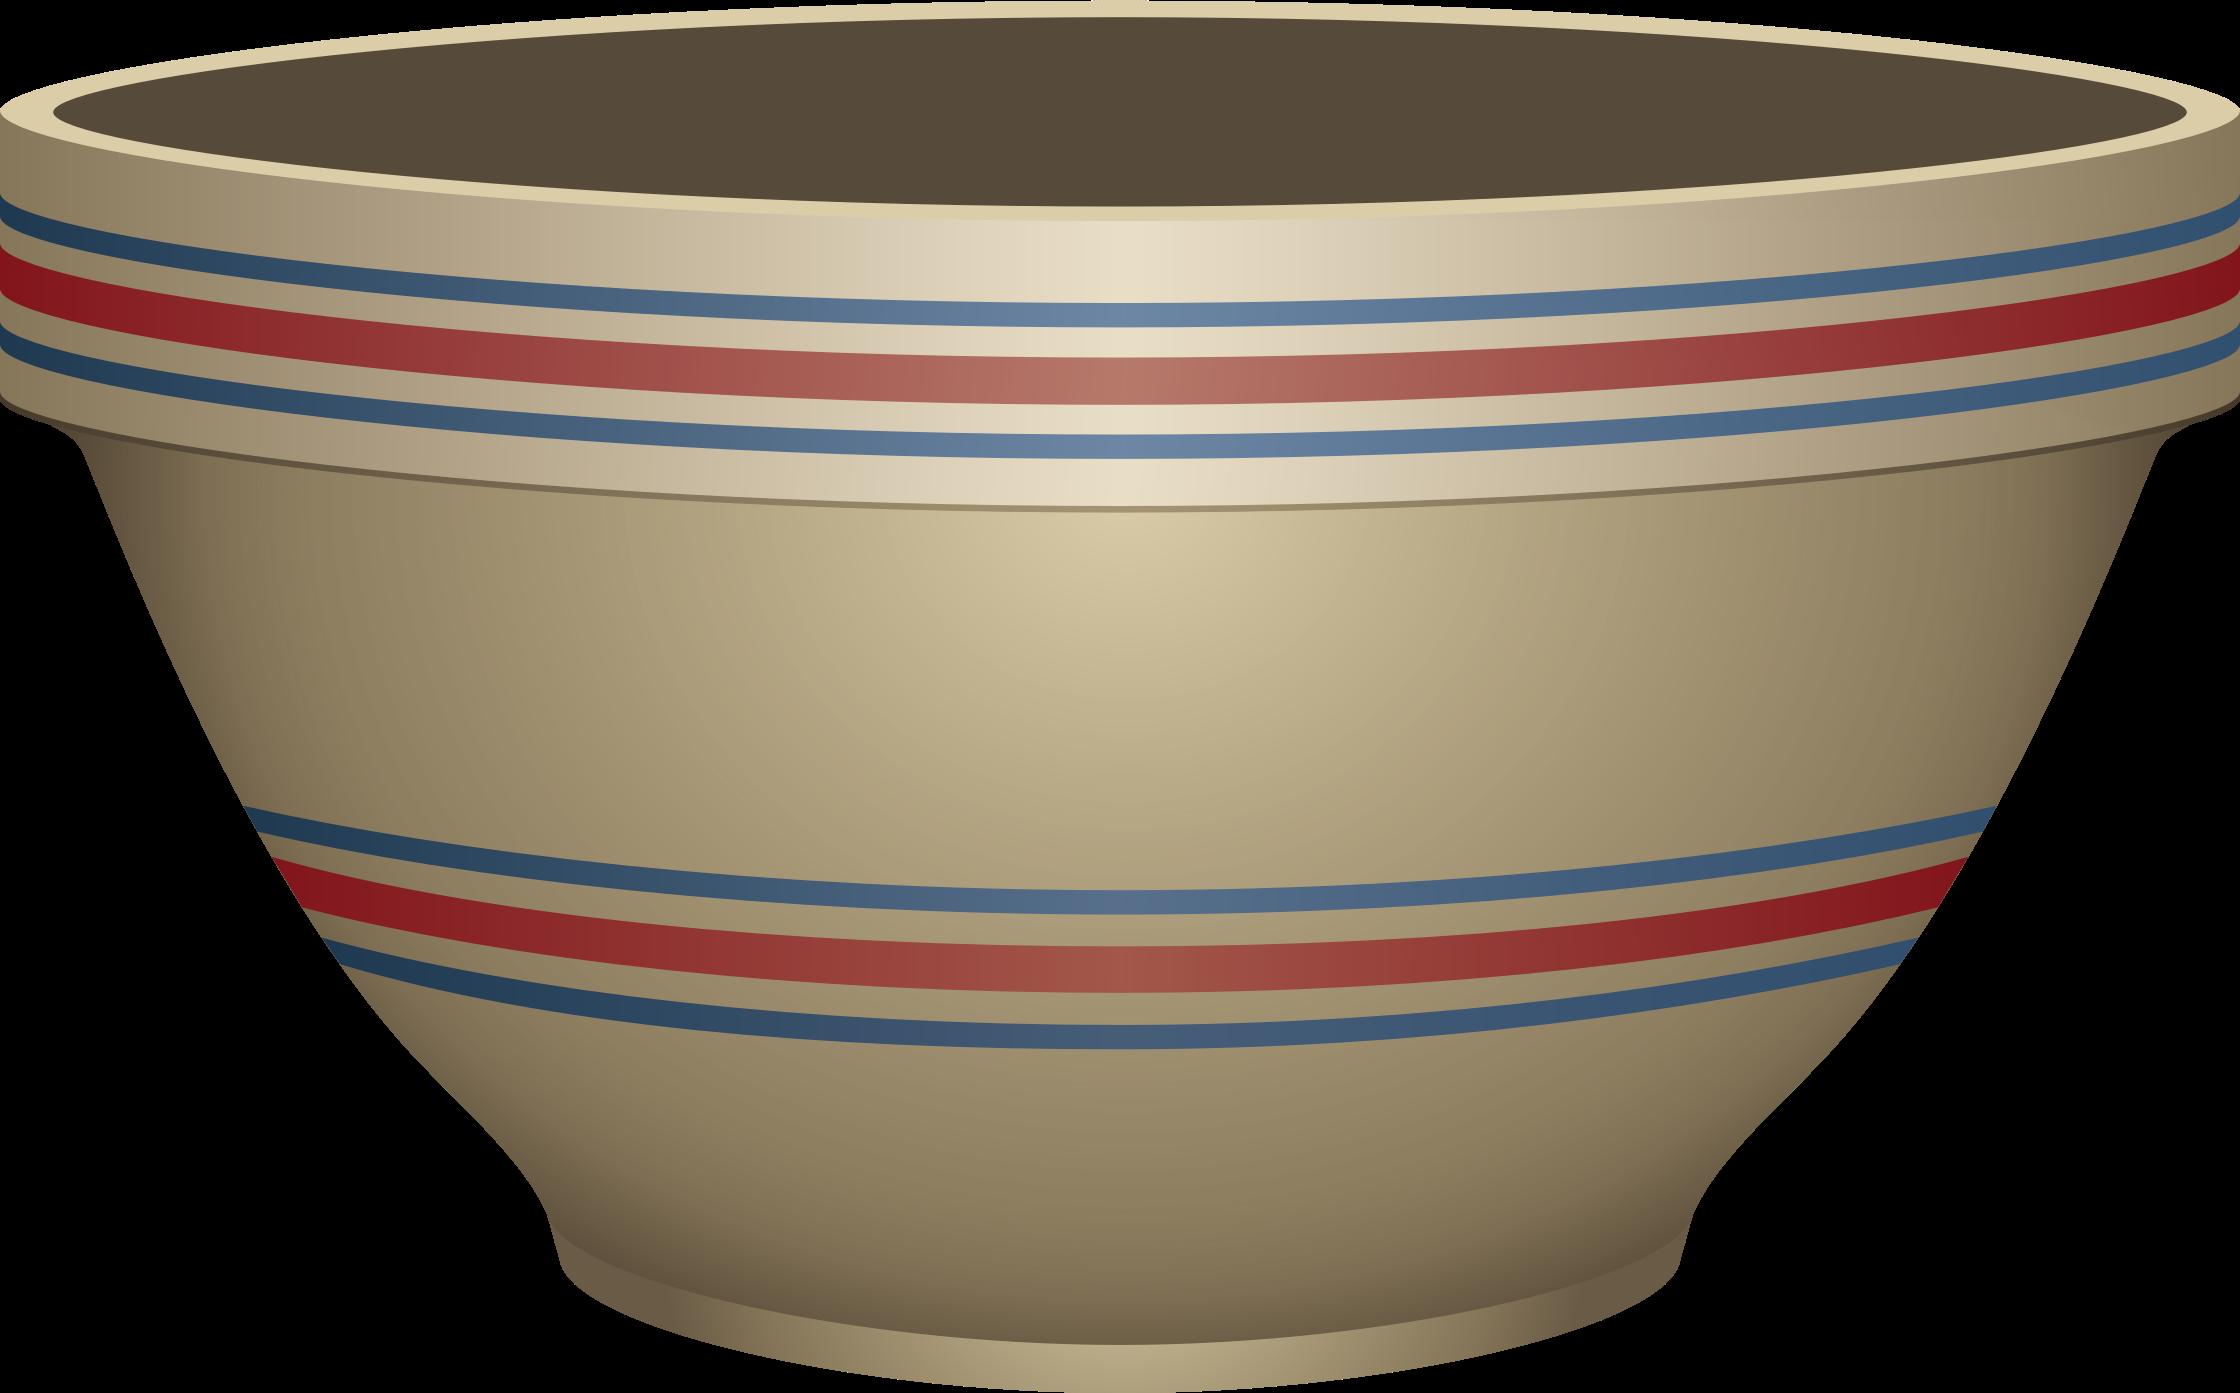 Bowl Clipart & Bowl Clip Art Images.